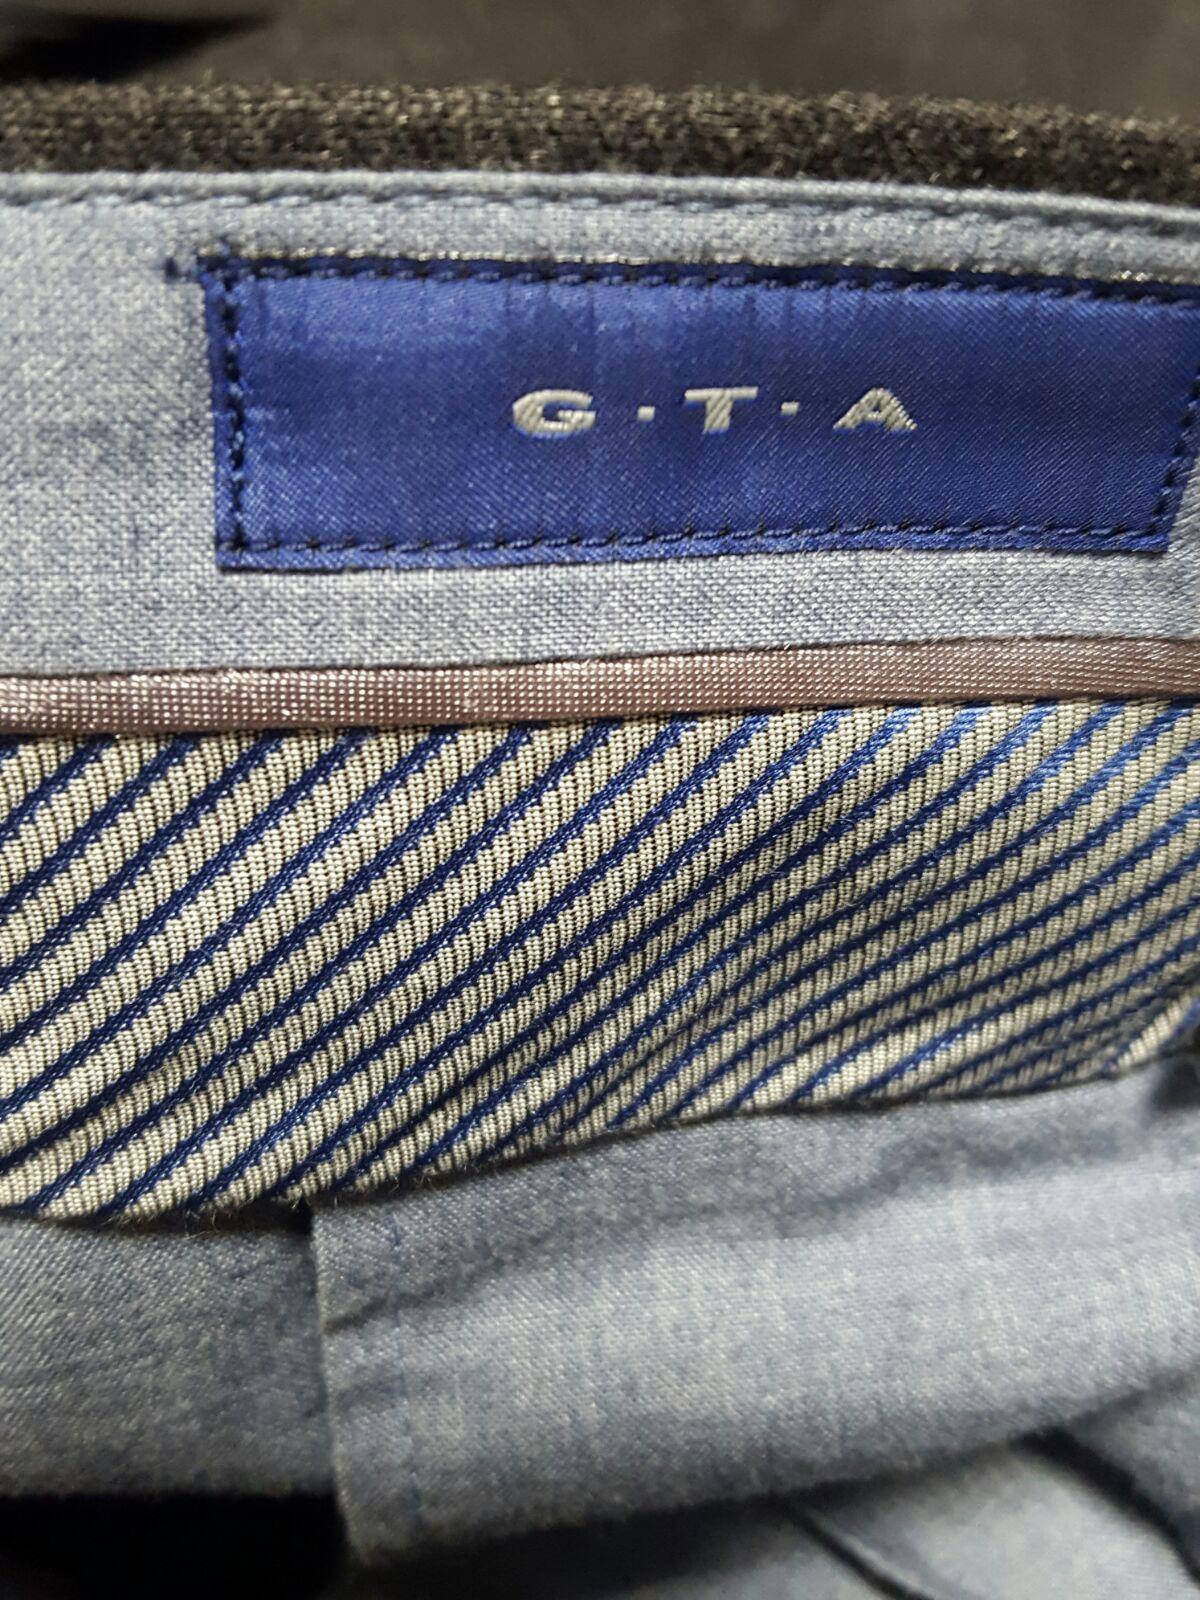 GTA(ジーティーアー)のパンツ